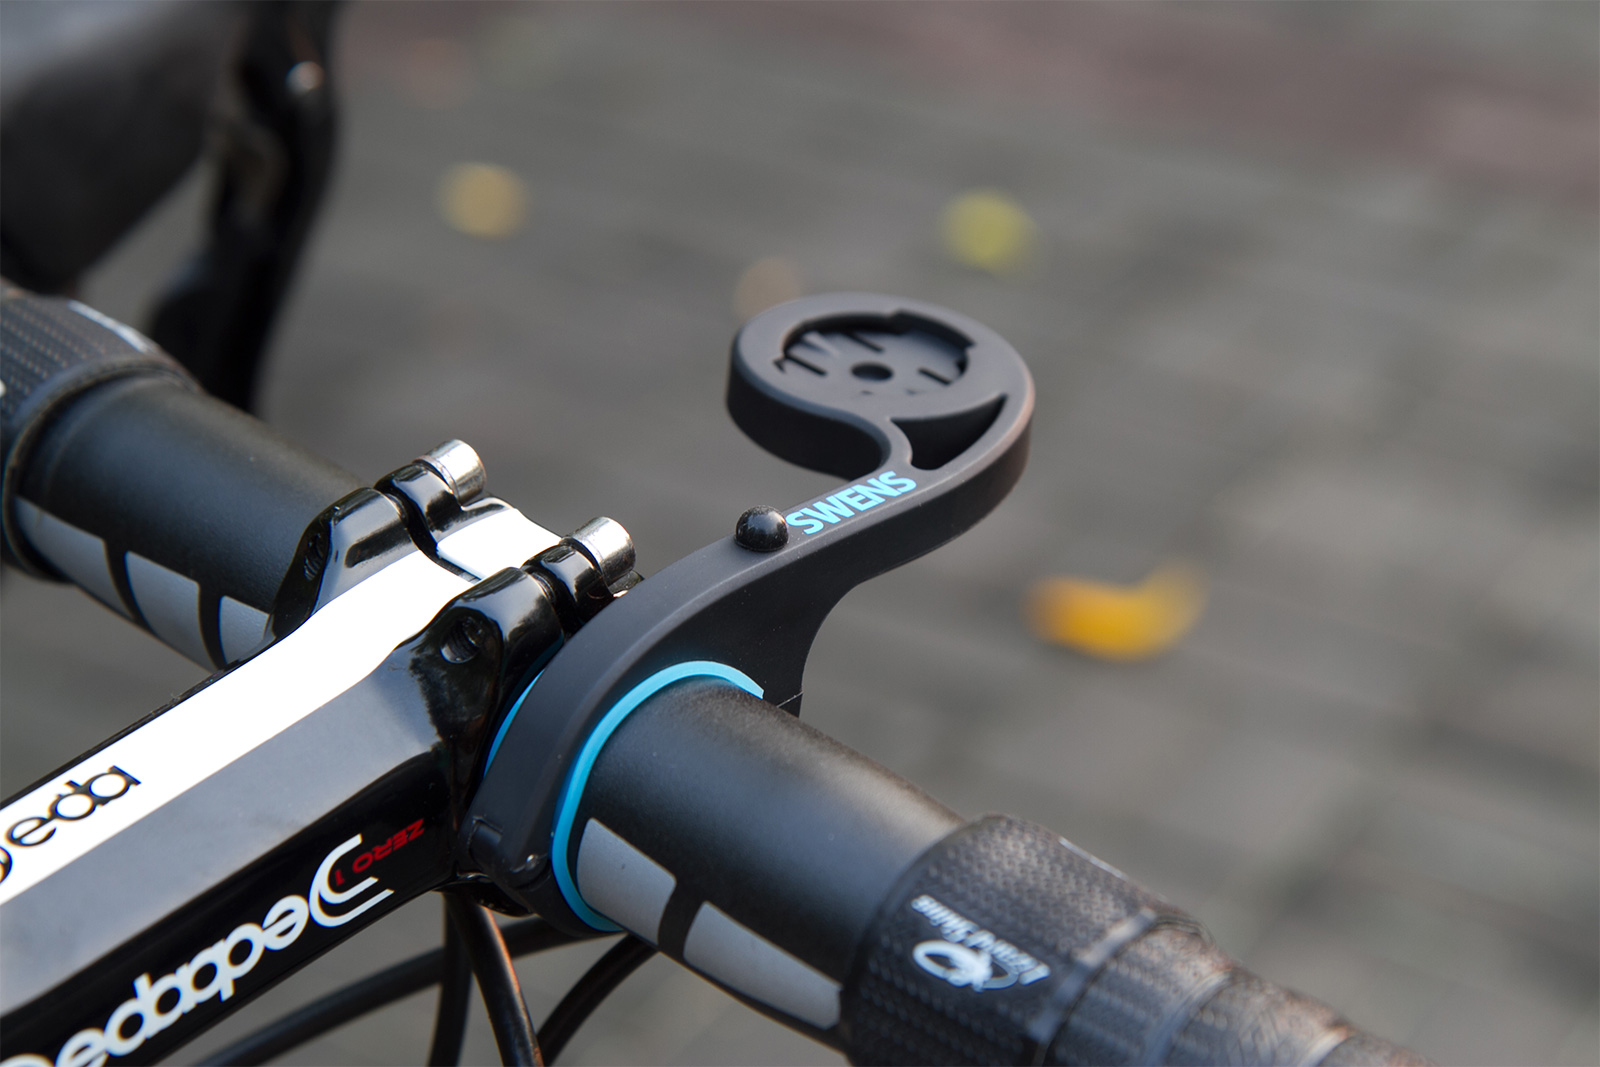 스웬스 자전거 핸드폰 거치대 SM-1, JT-1, JA-1 설치 동영상